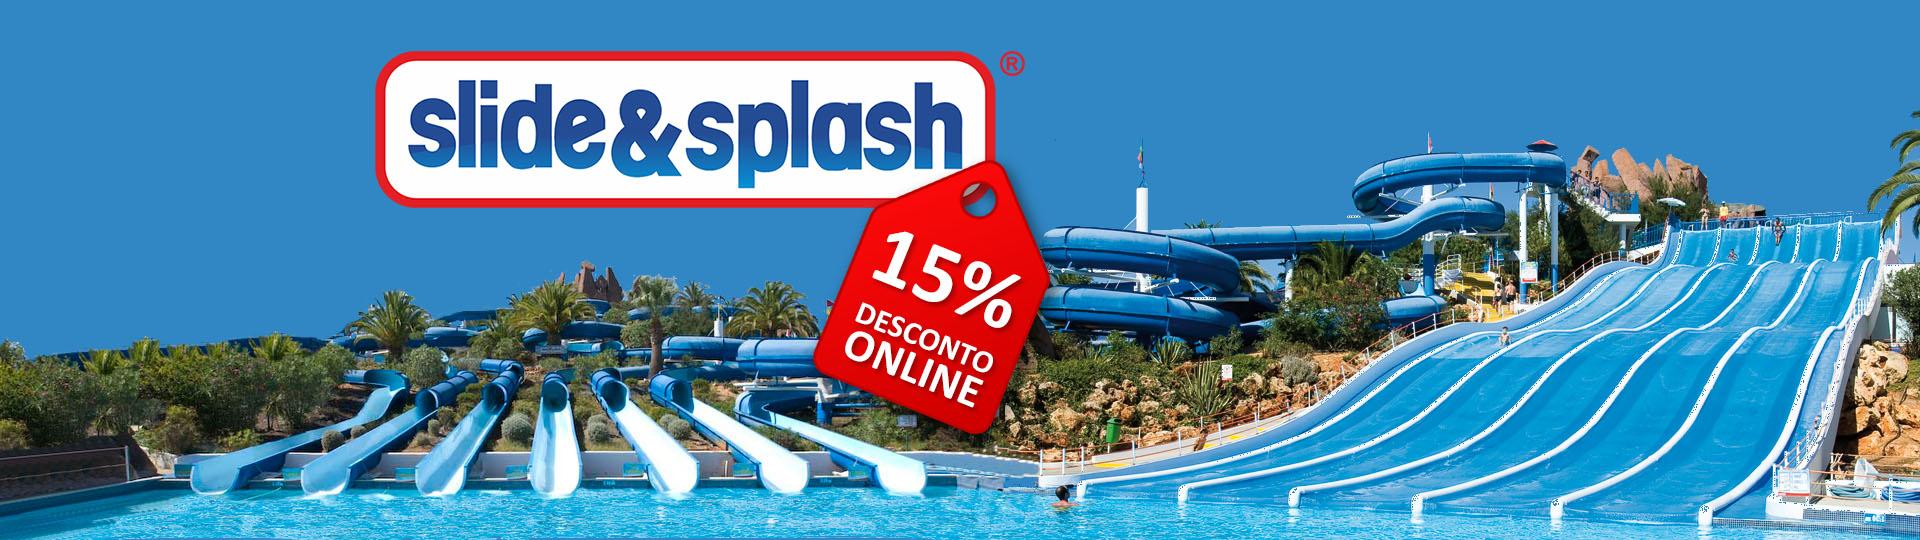 Slide & Splash 2016